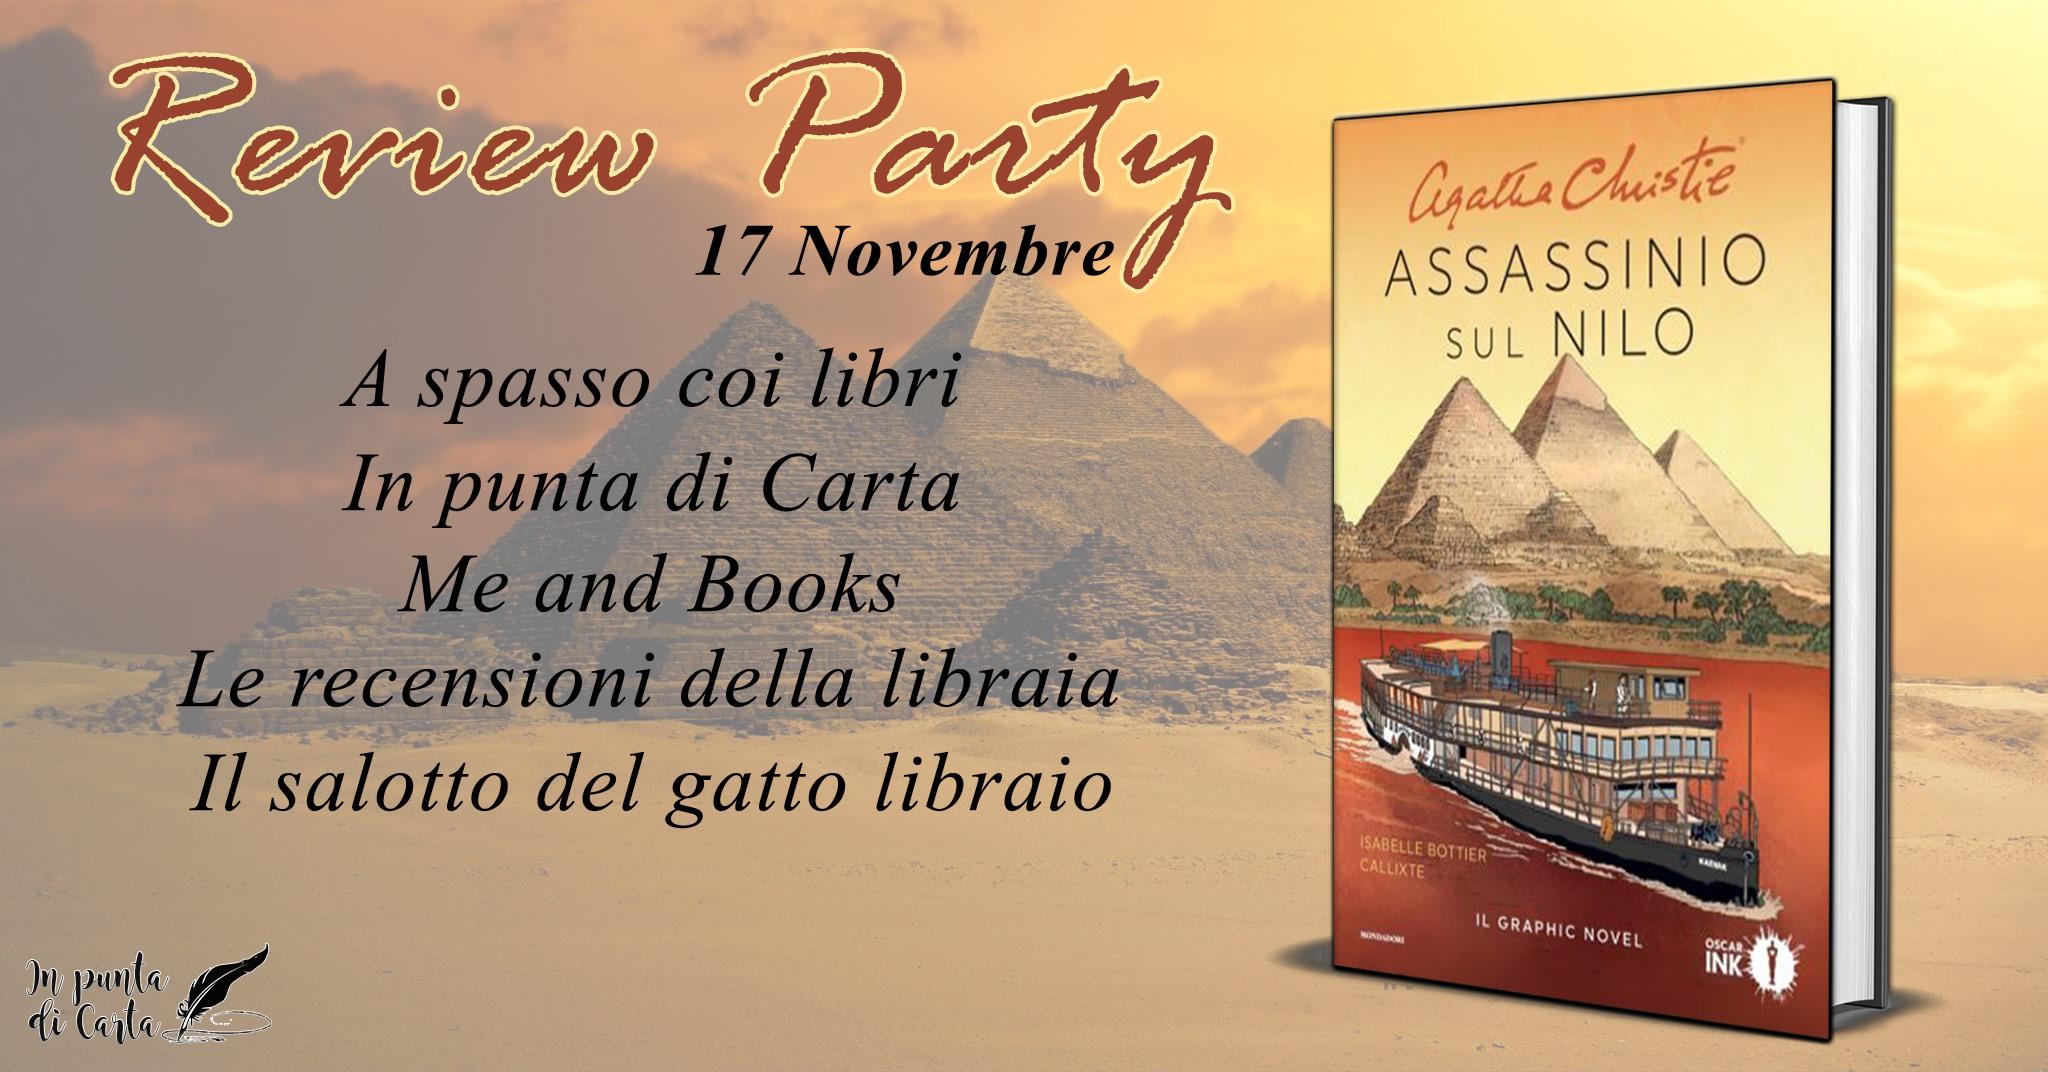 Review Party - Assassinio sul Nilo di Agatha Christie